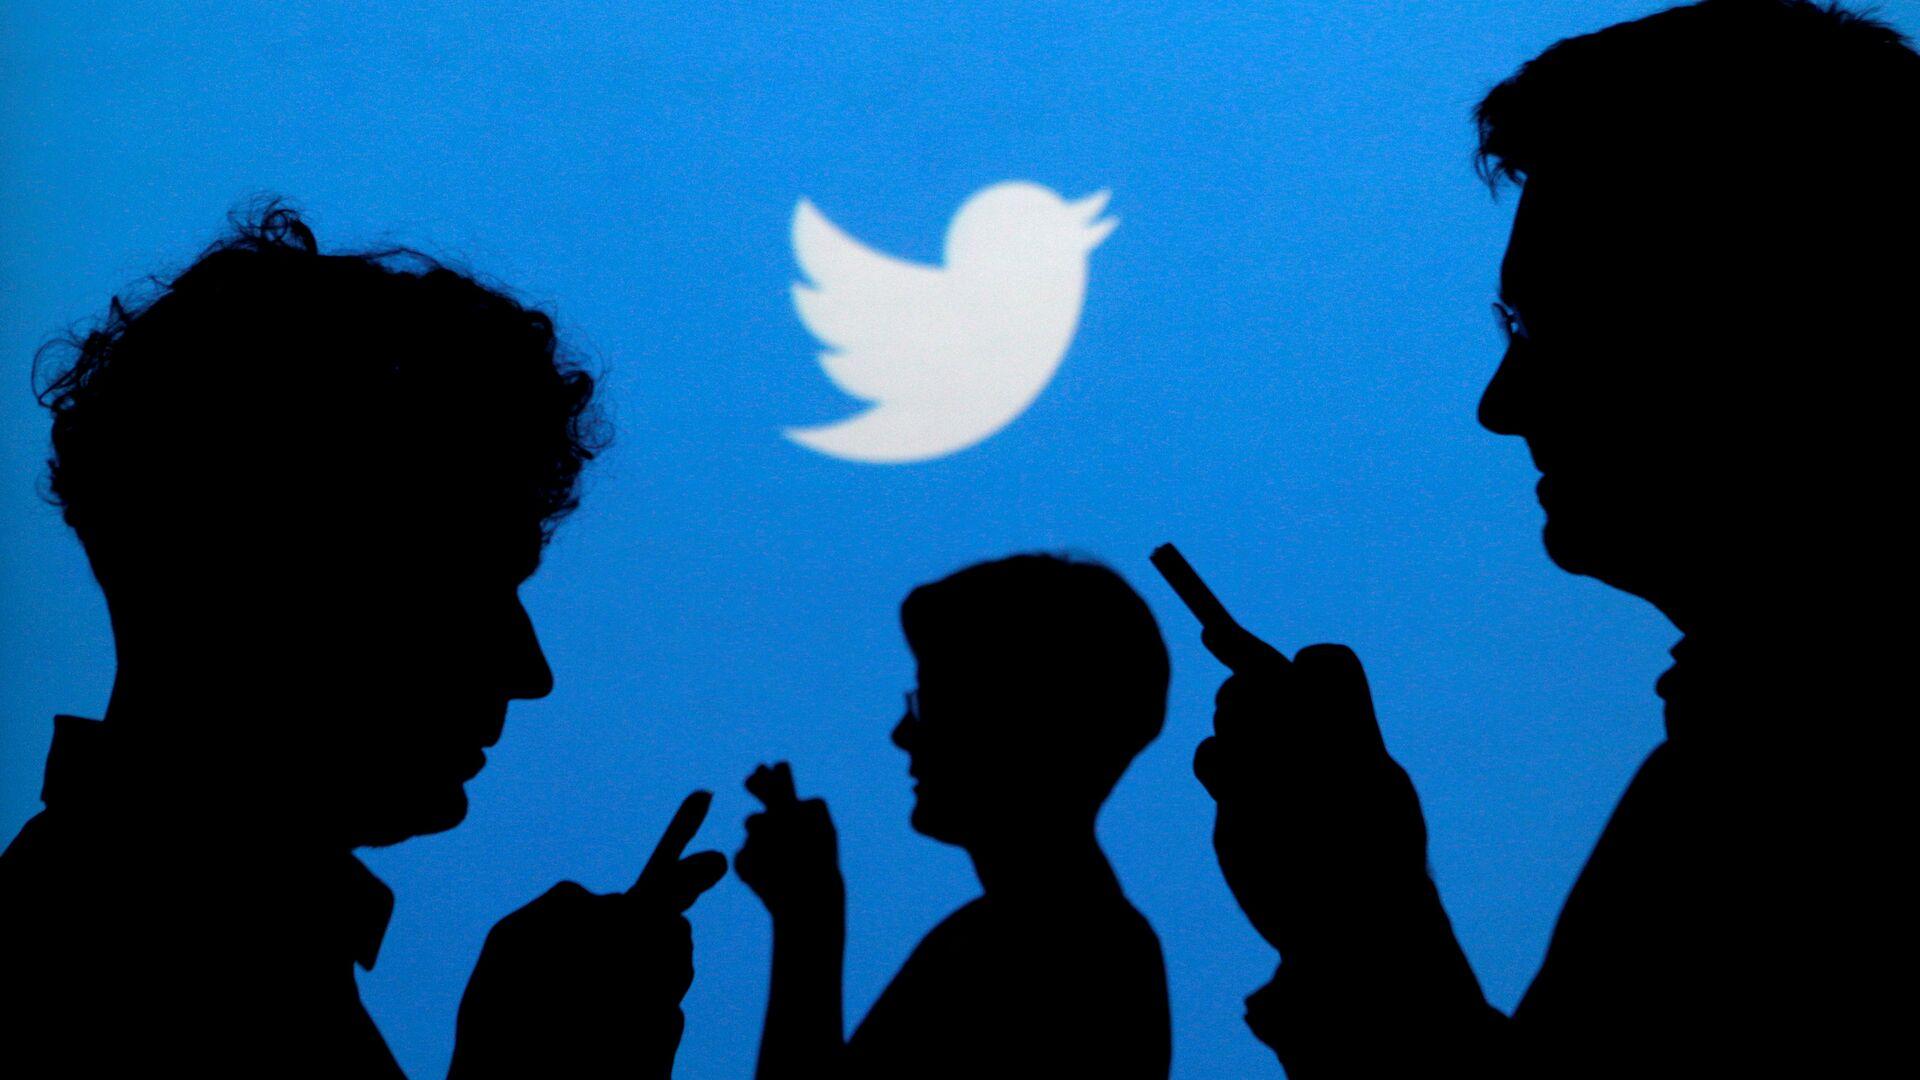 Логотип социальной сети Twitter - РИА Новости, 1920, 24.02.2021